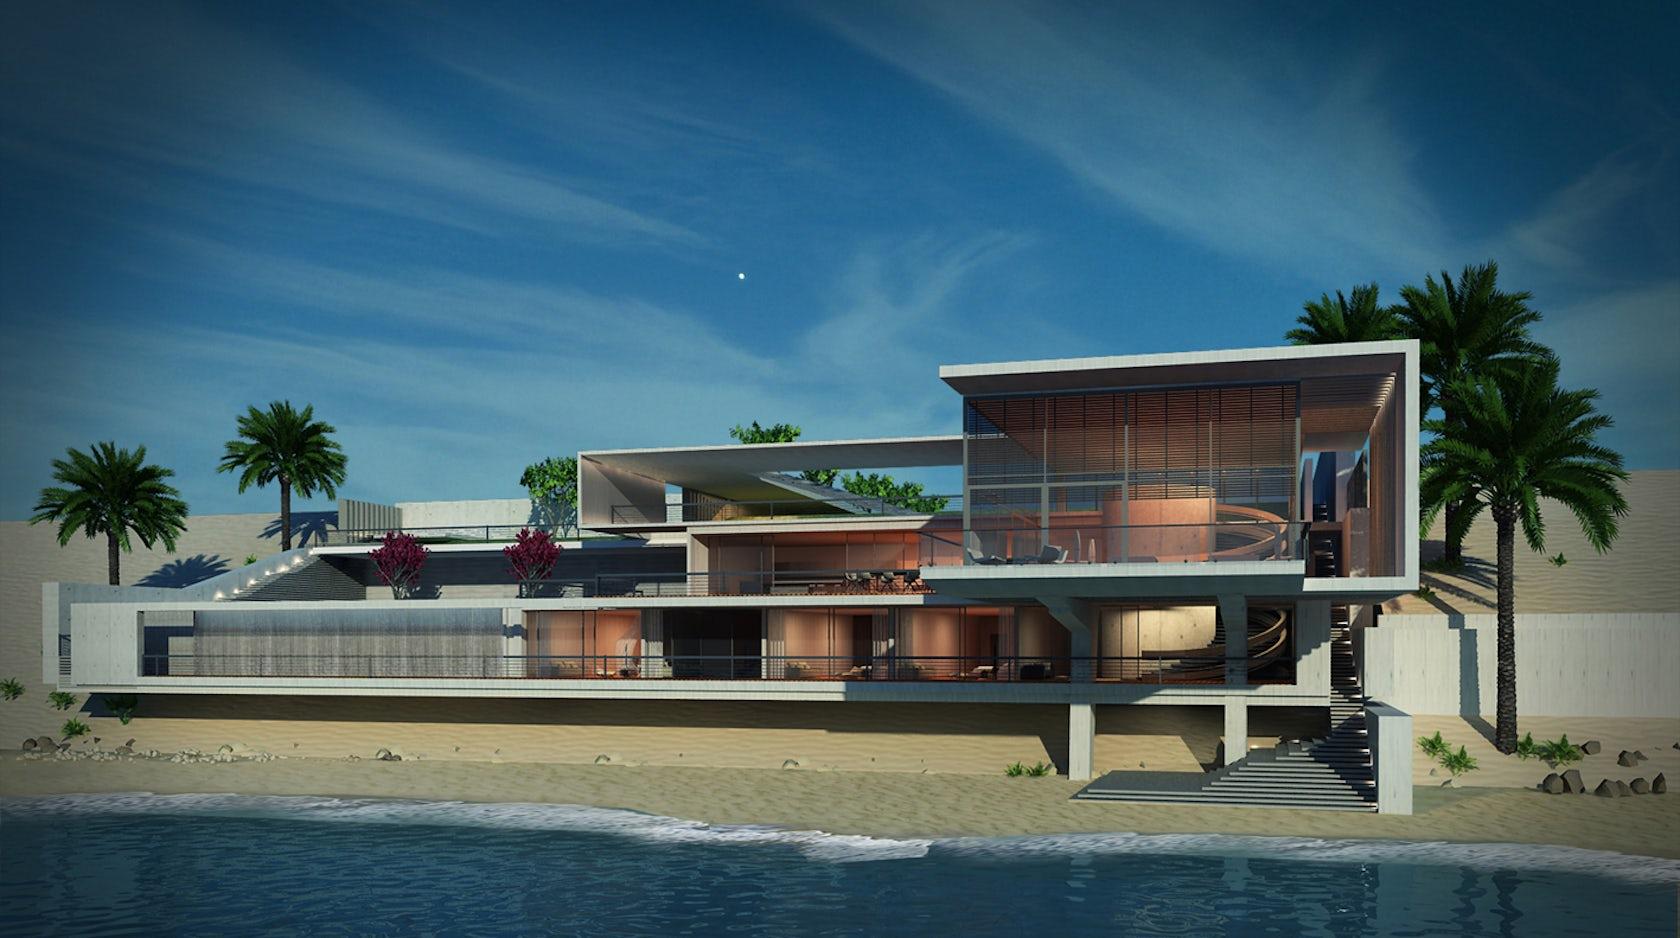 Multi storey beach house in rak uae architizer for Modern house uae